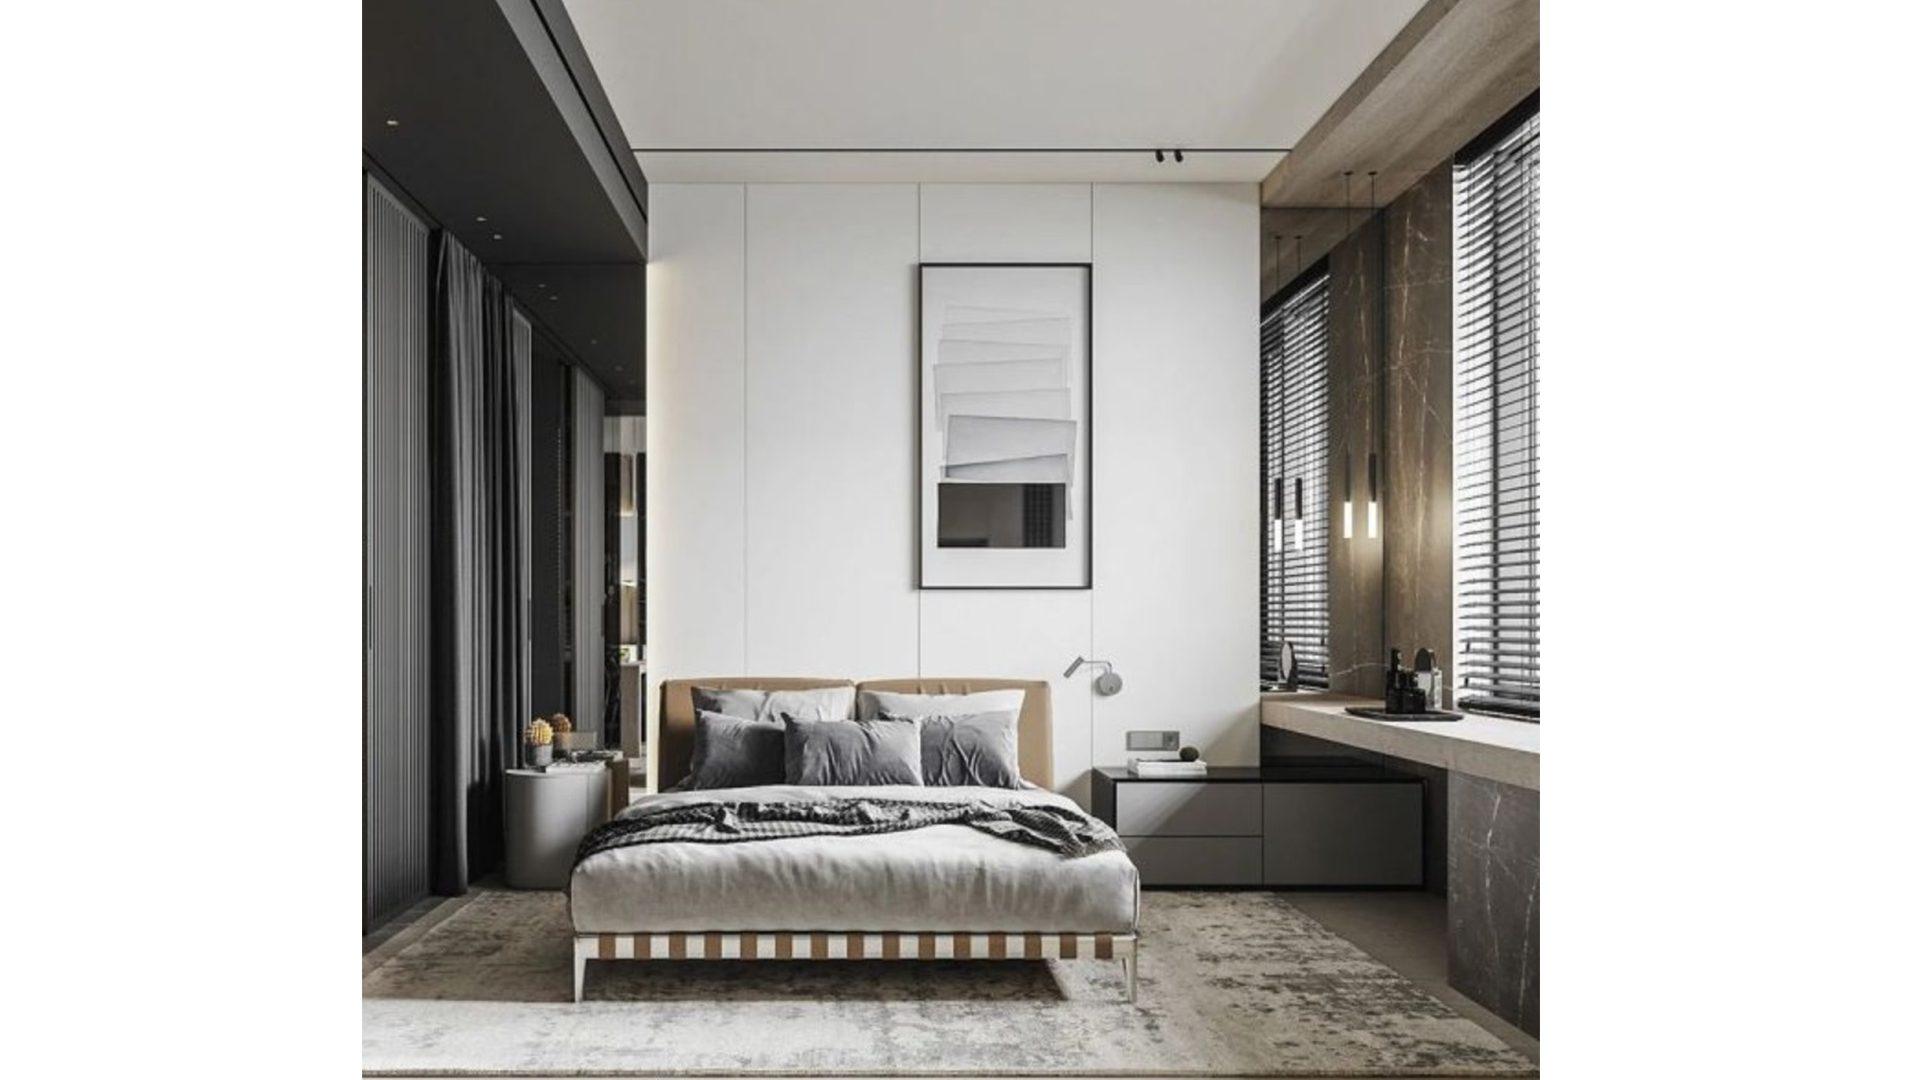 49 Dorset Road_sample interior design(1920x1080)_Home Quarters SG_KC Ng Keng Chong-3